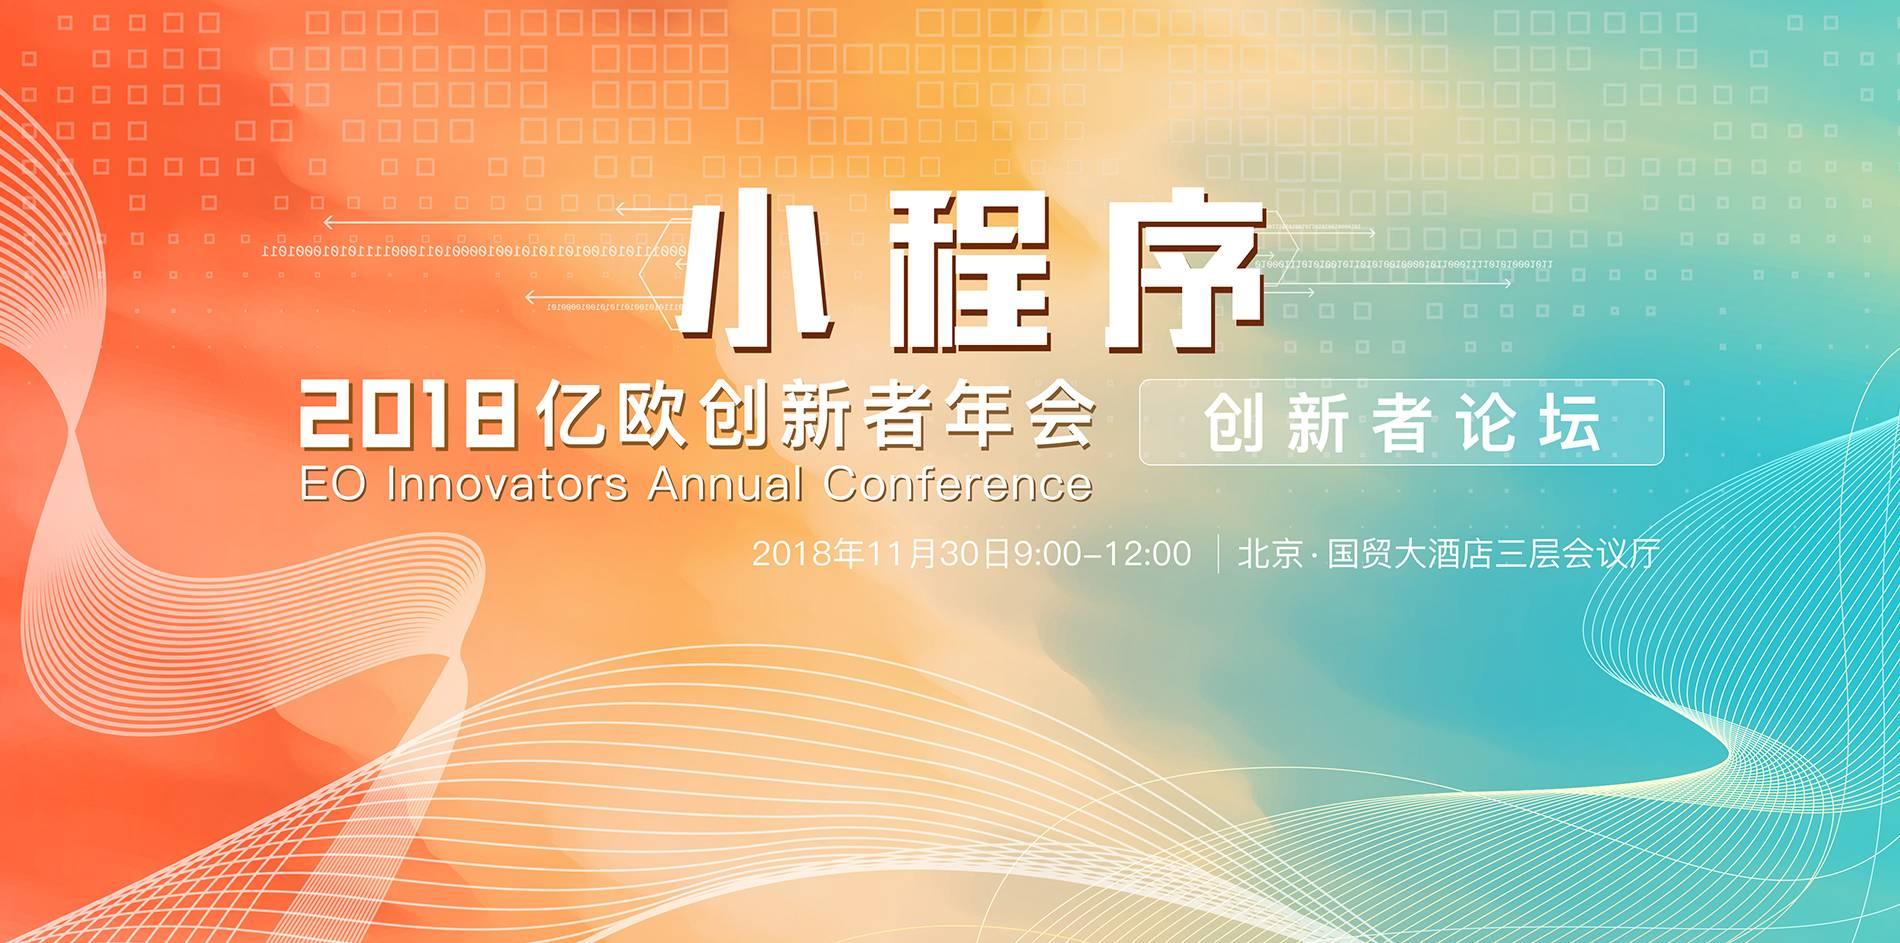 【活动】小程序创新者论坛-亿欧